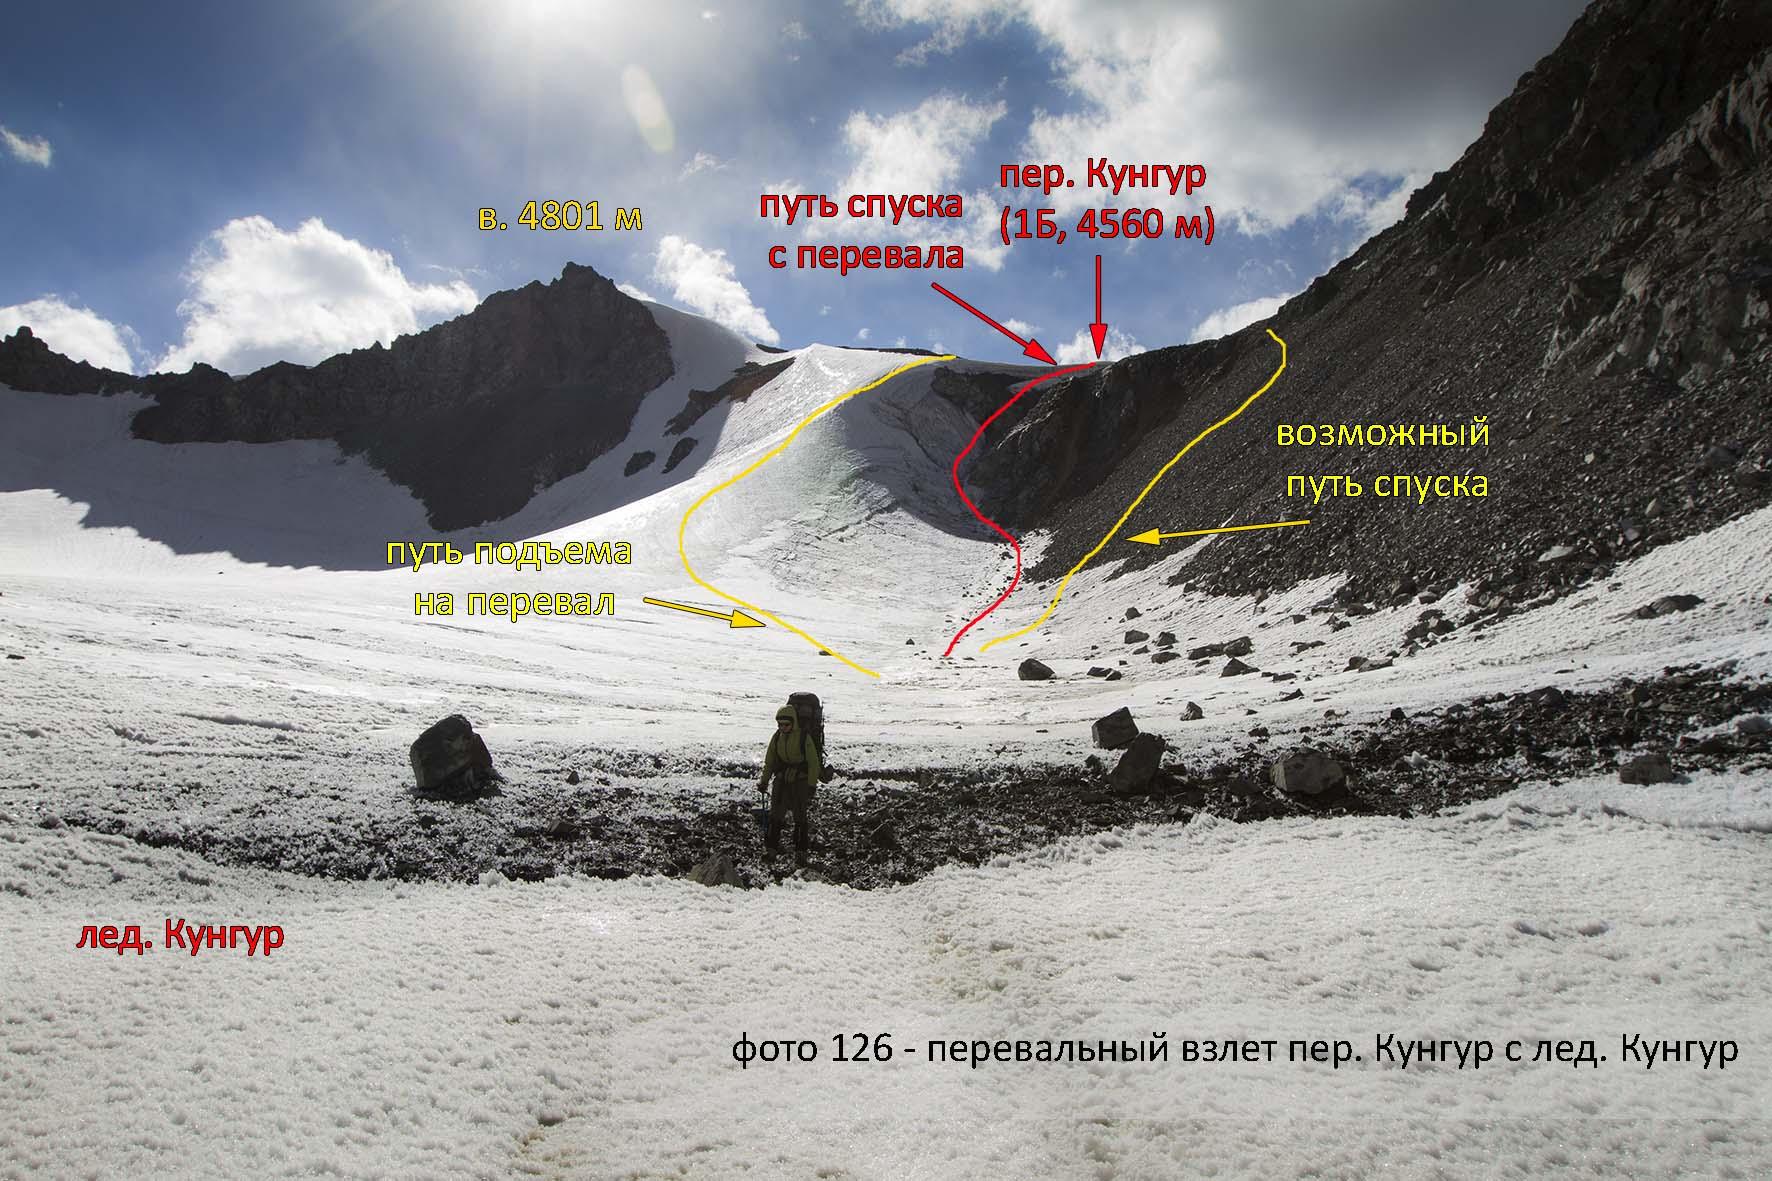 перевальный взлет пер. Кунгур с лед Кунгур